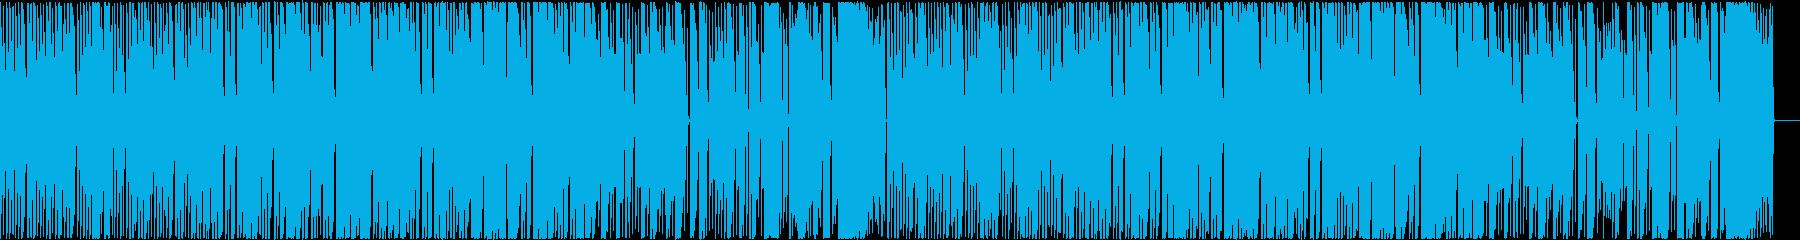 ロックマンを思わせる様な8bitサウンドの再生済みの波形